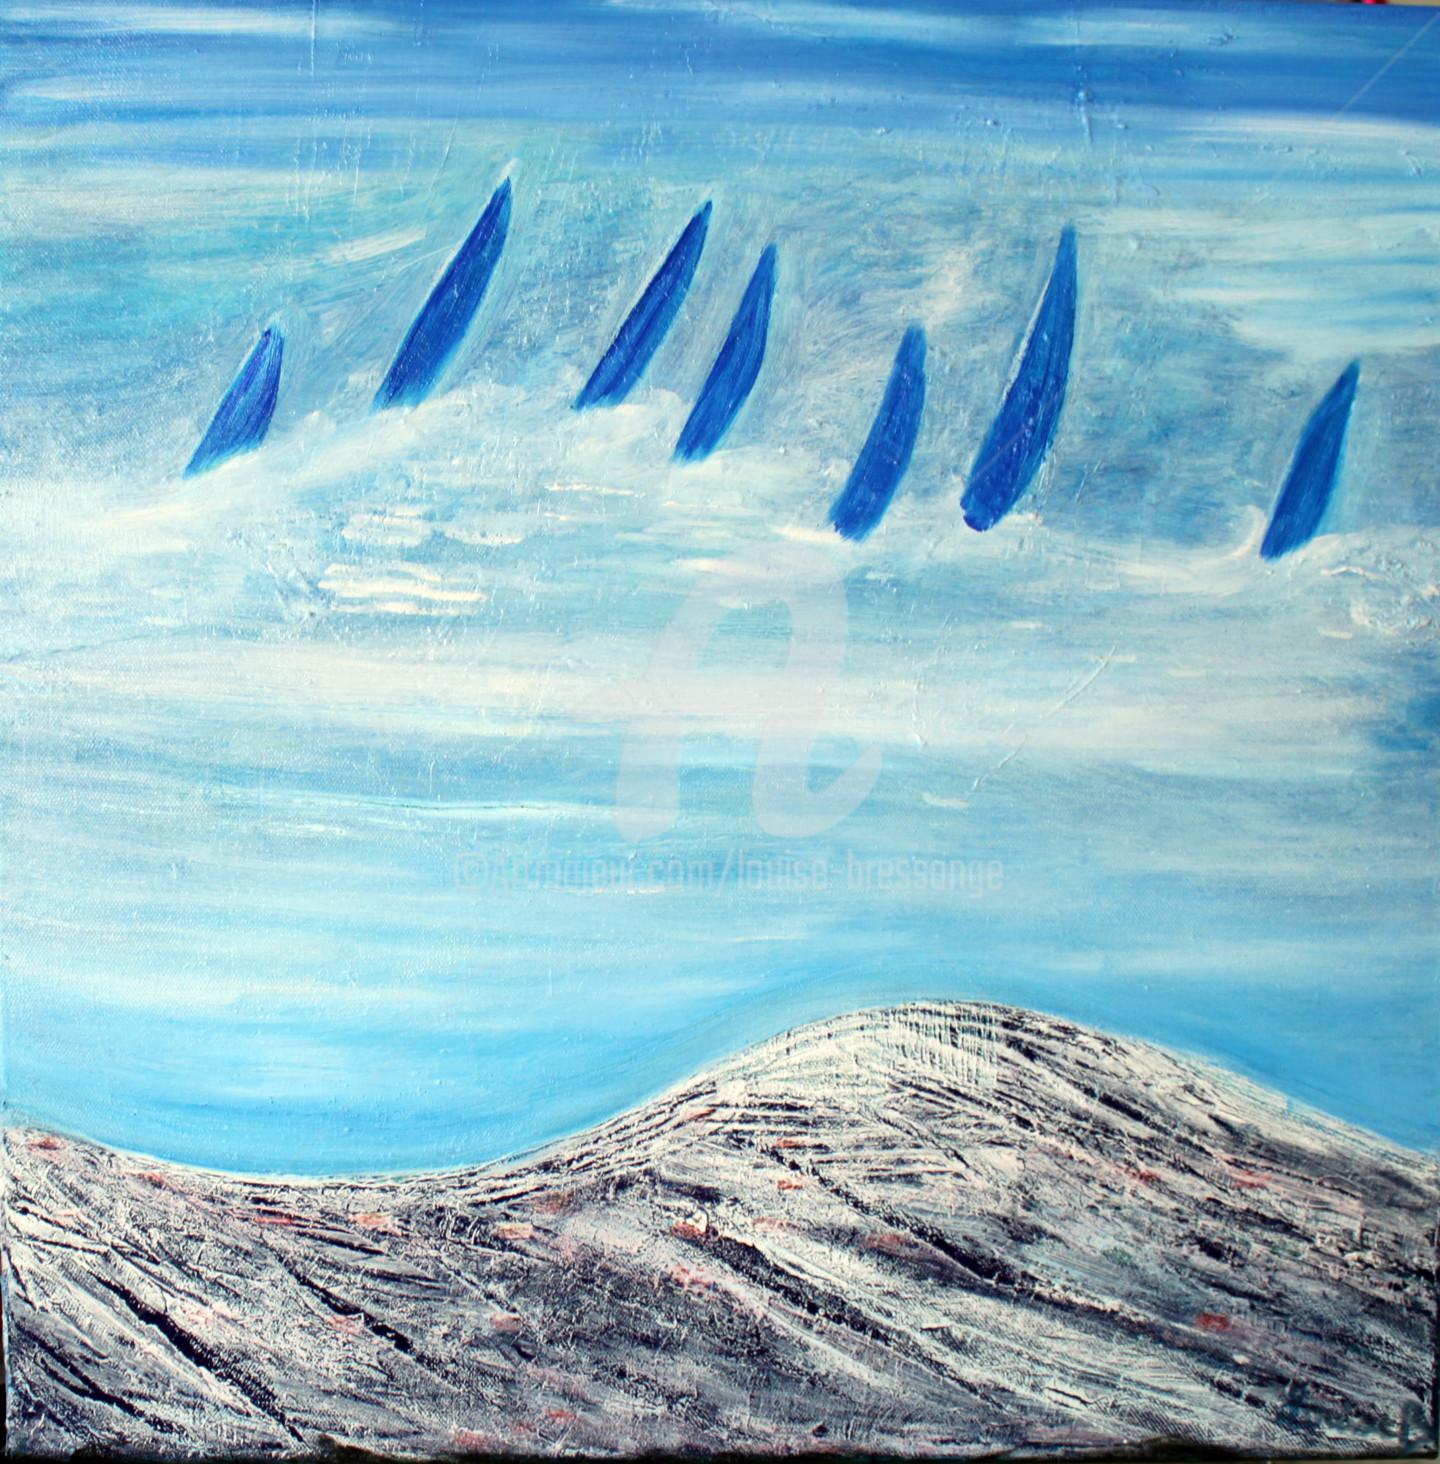 Louise BRESSANGE - Voiles dans le bleu